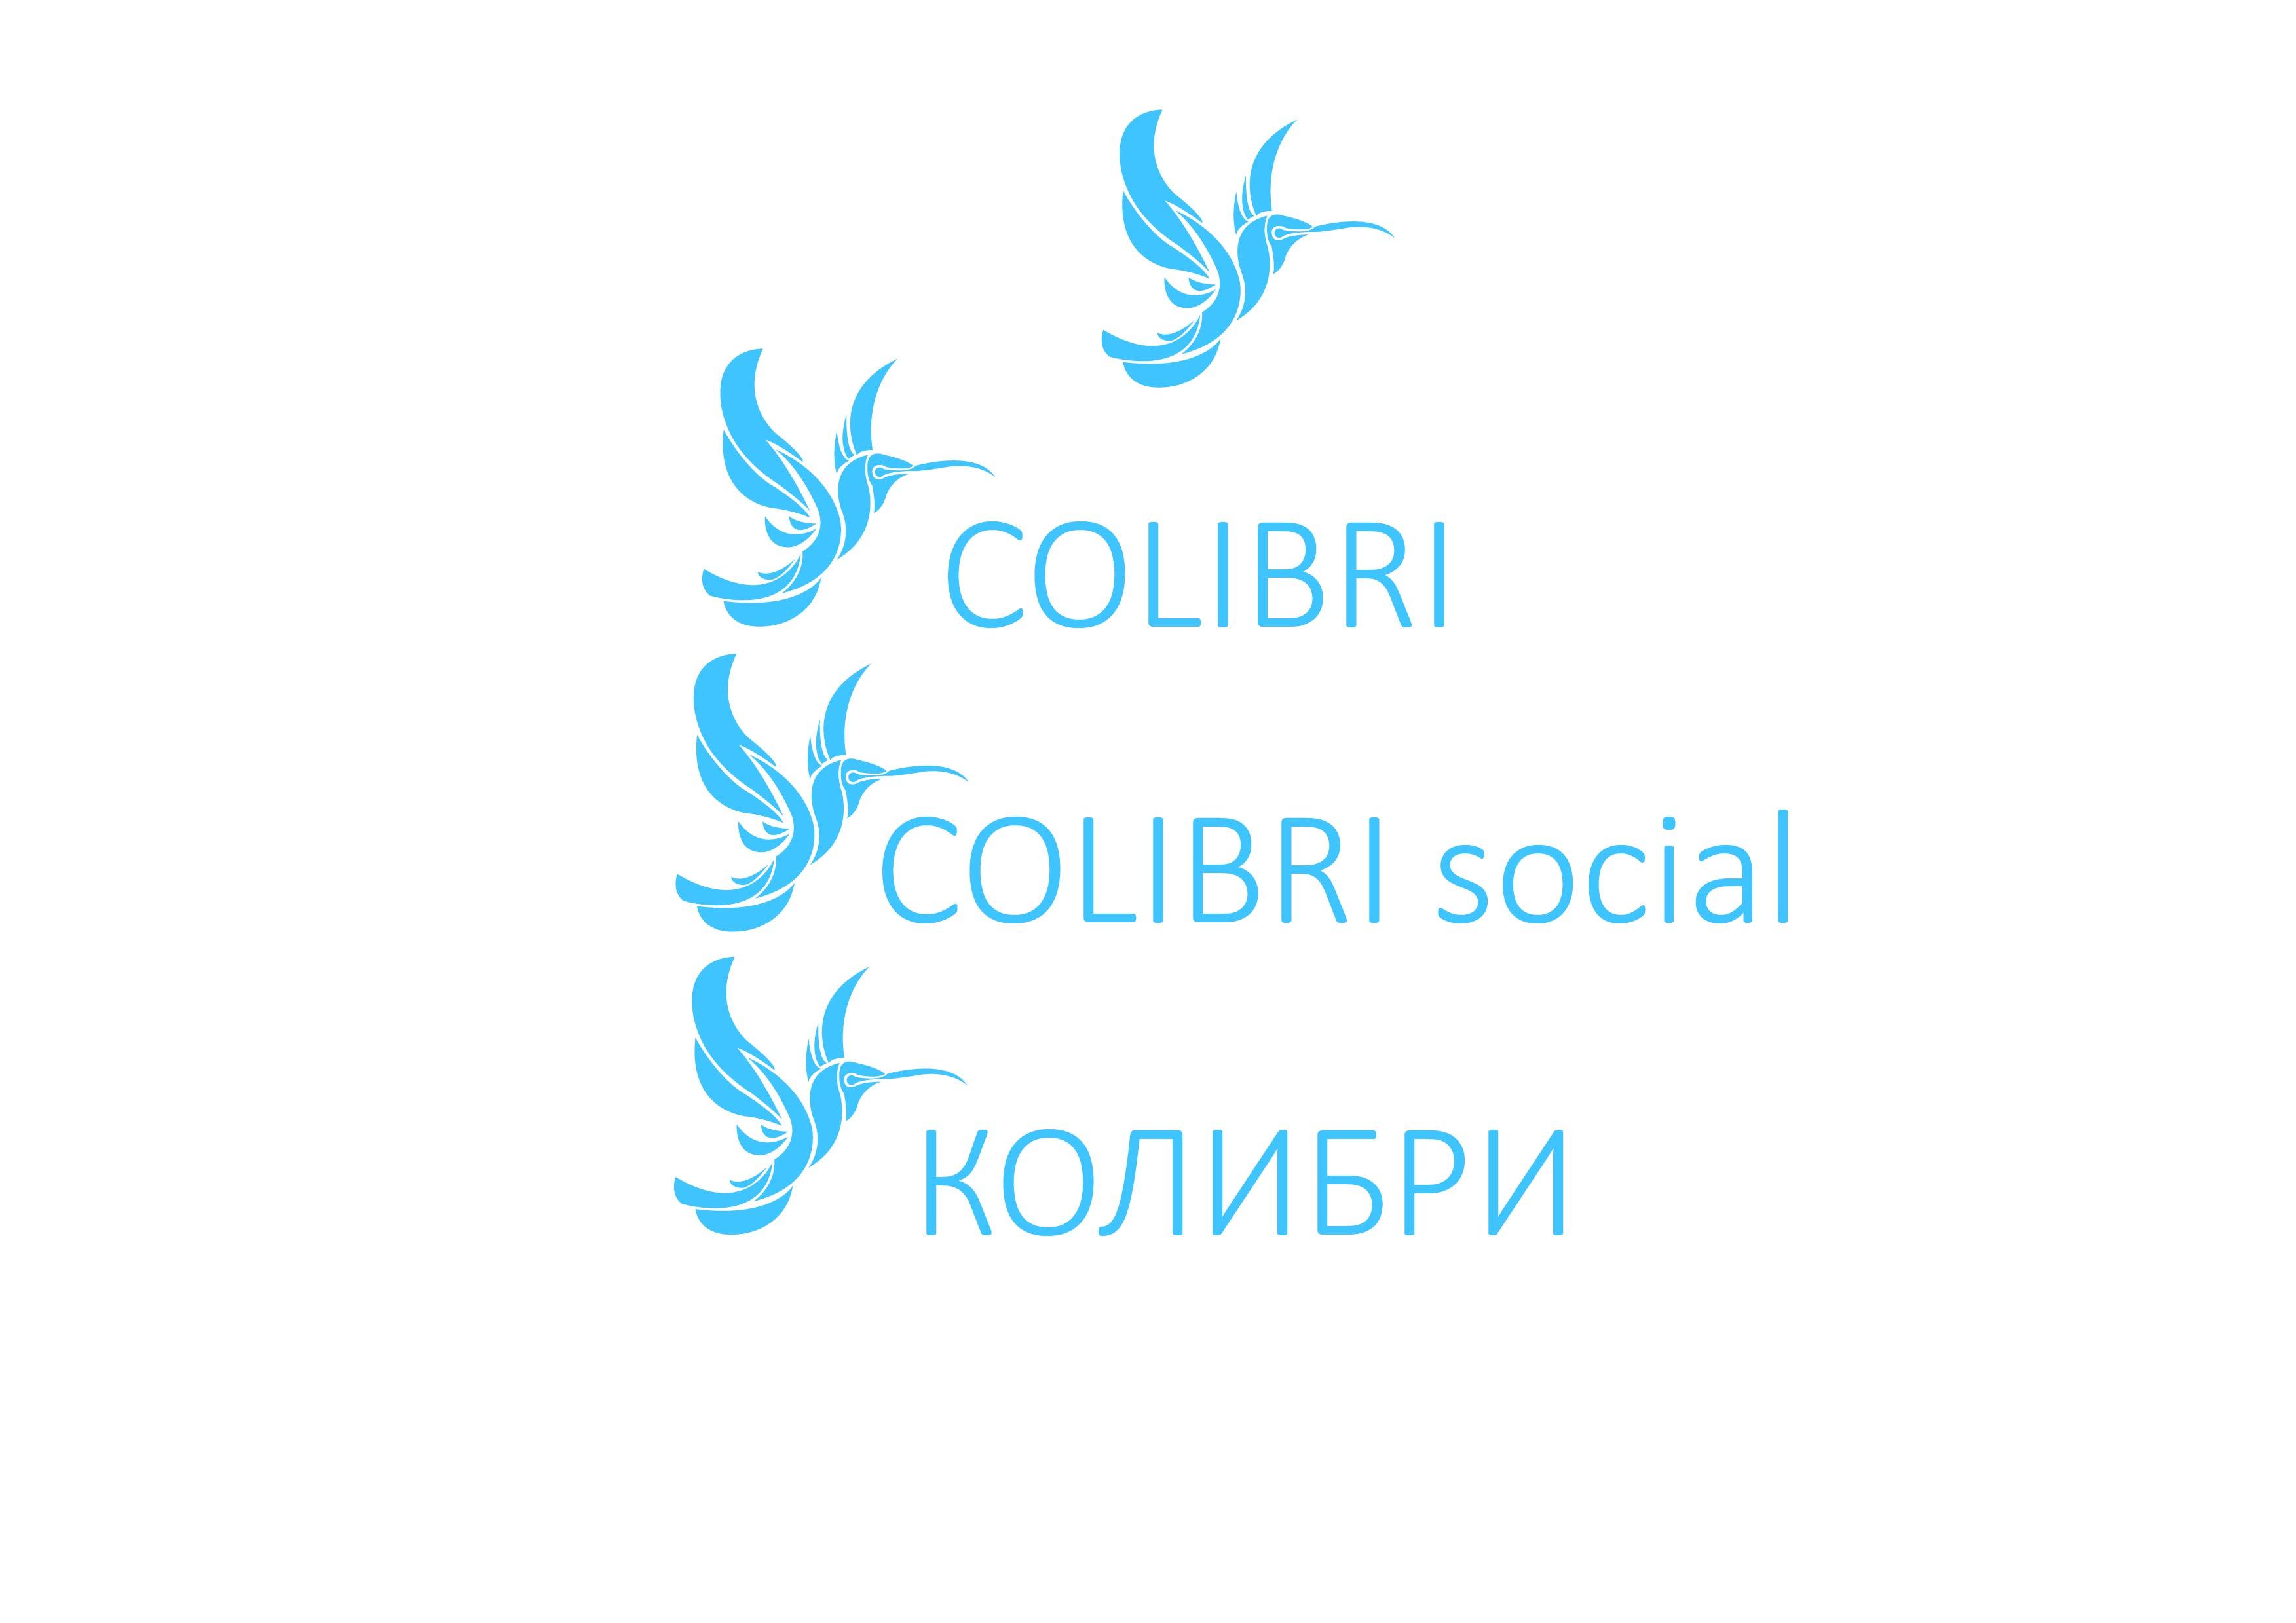 Дизайнер, разработка логотипа компании фото f_4725582c154b1e0d.jpg